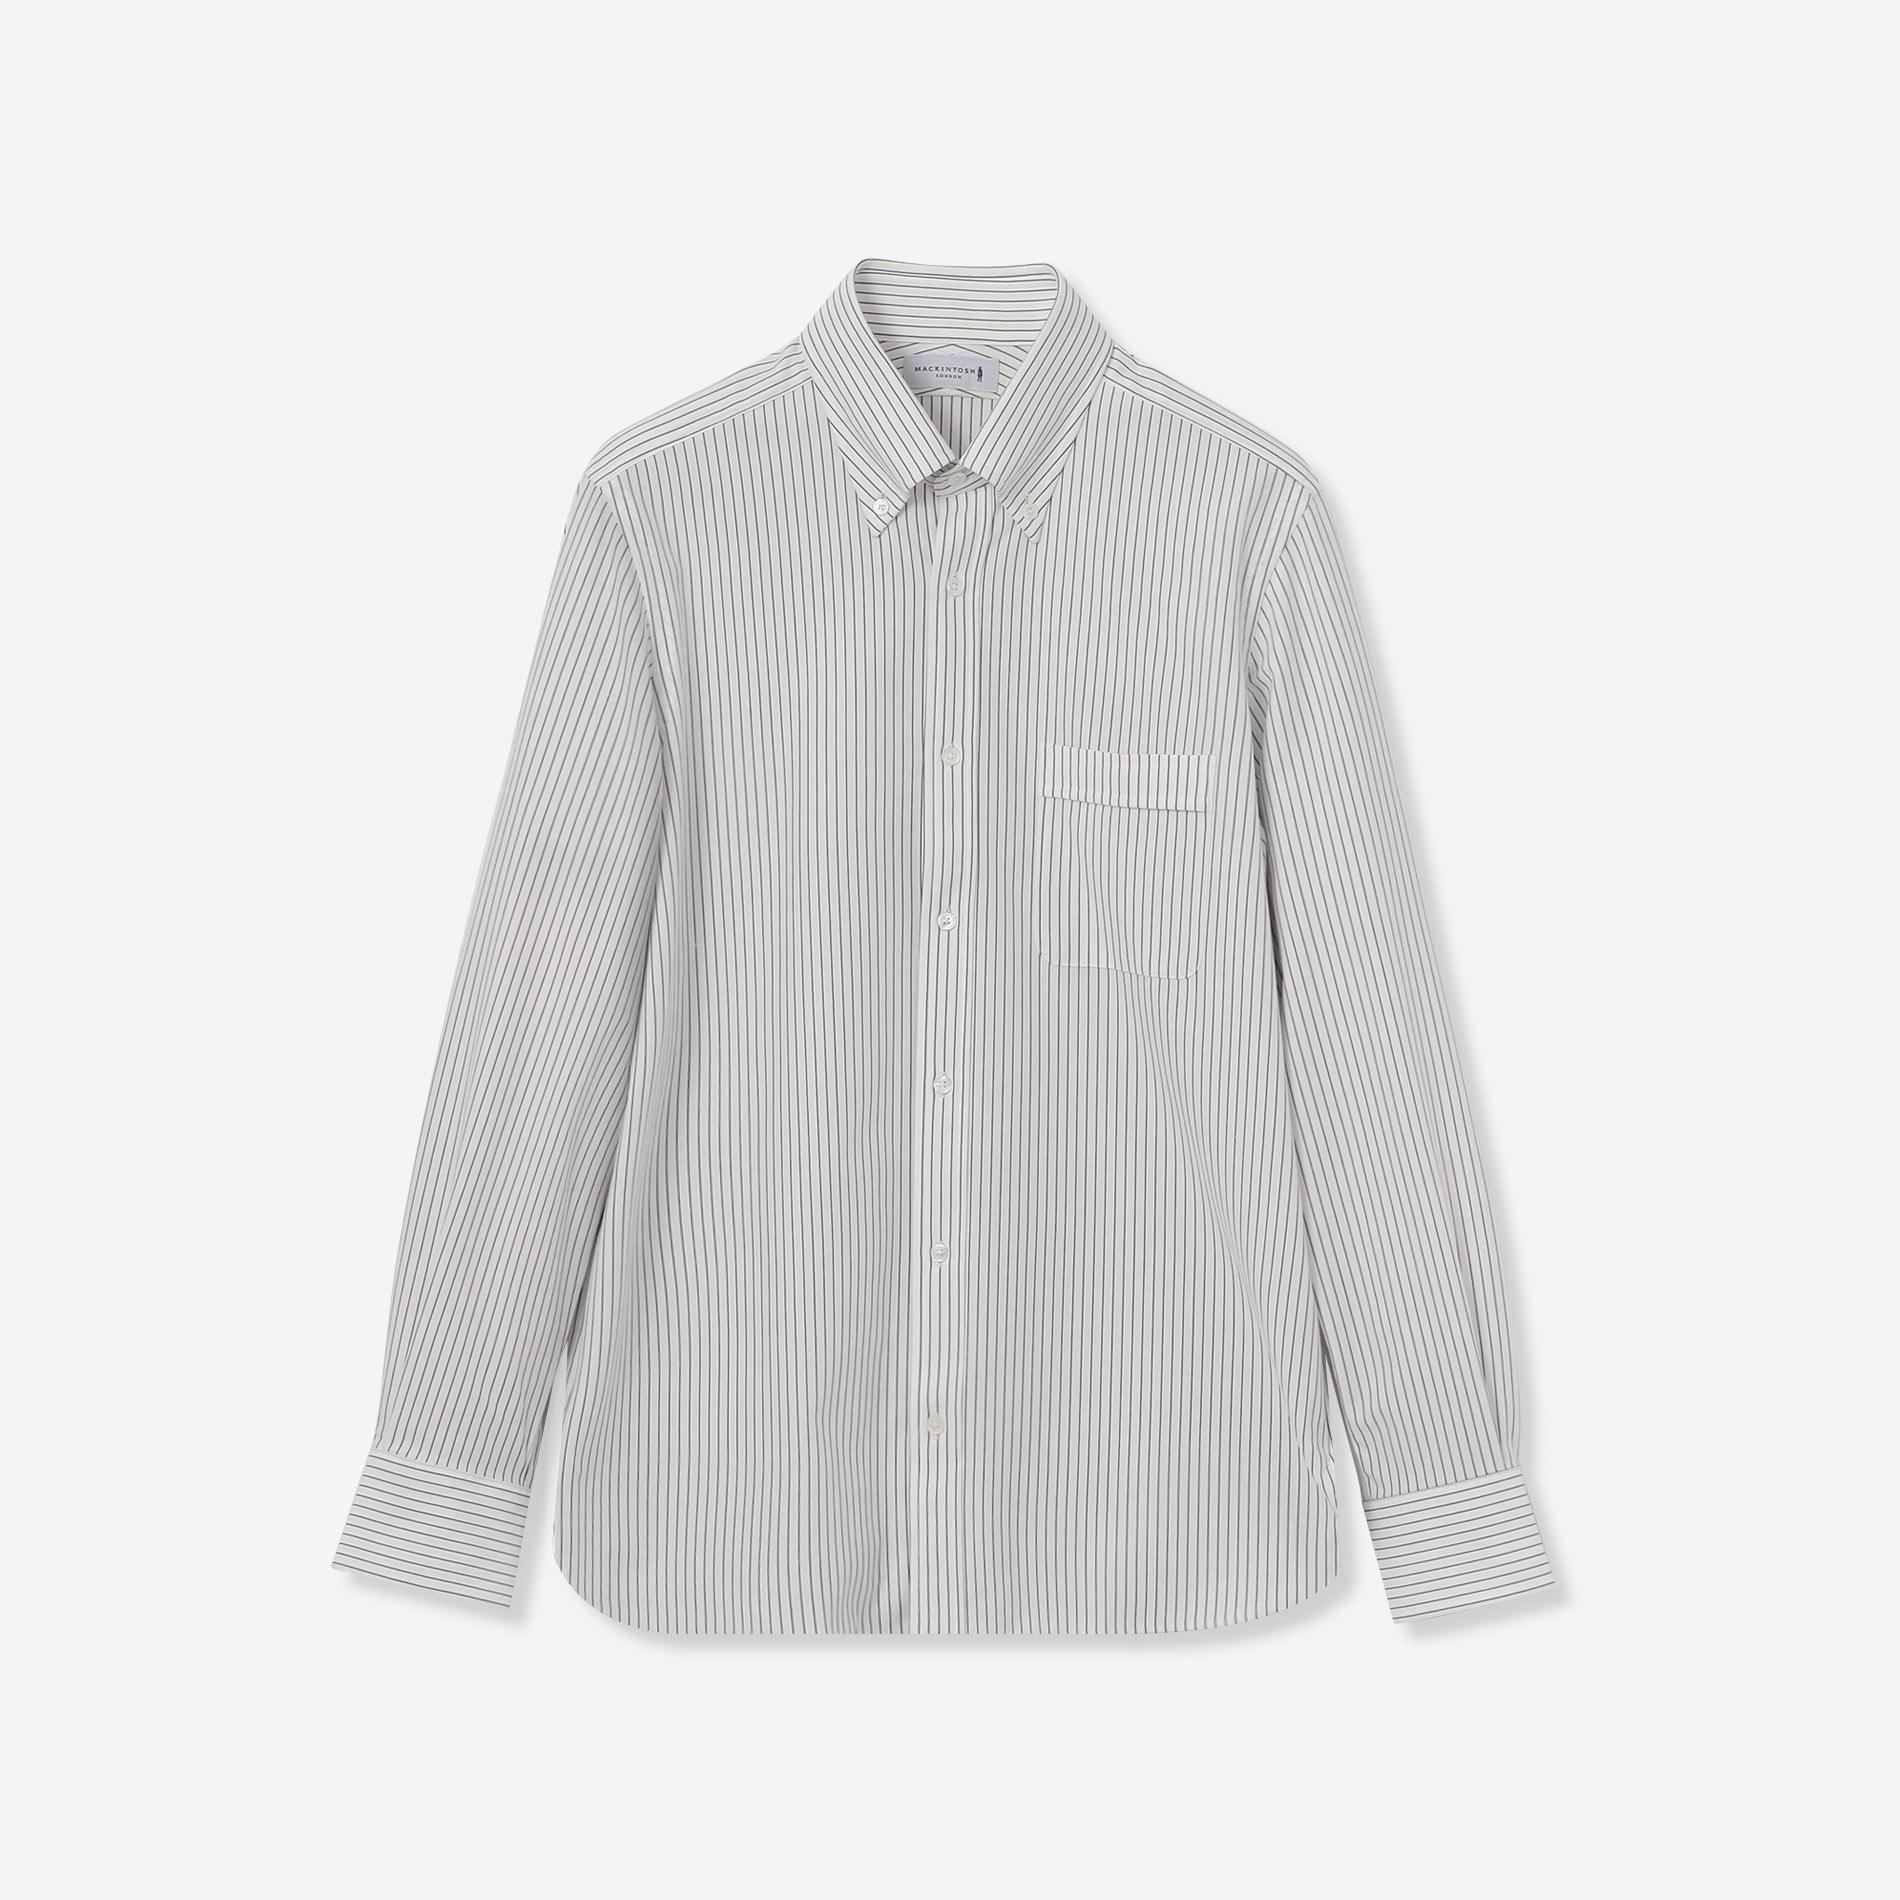 【FLEX JERSEY】ピンストライプジャージシャツ